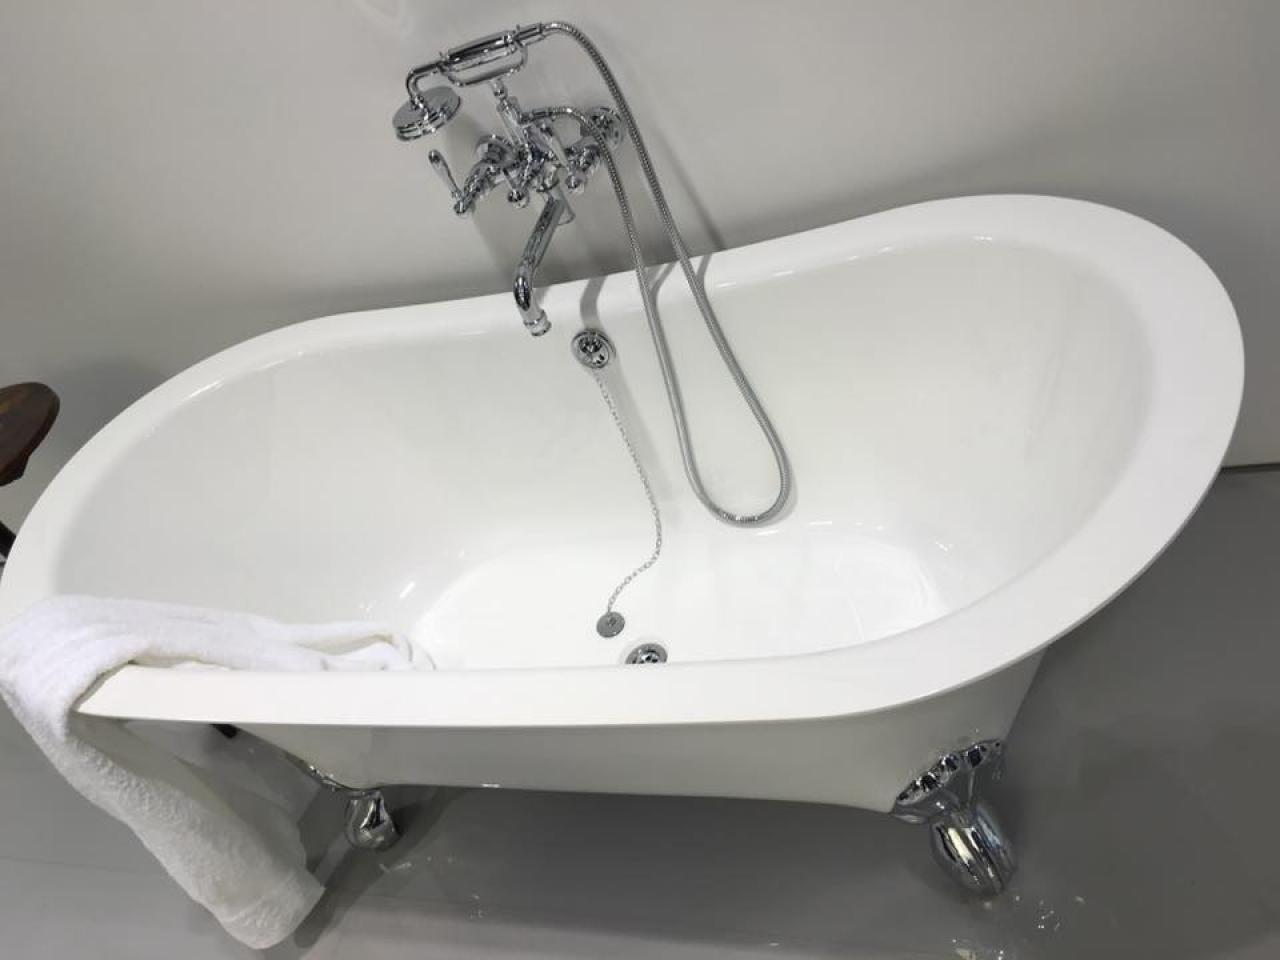 Vasca Da Bagno Classica : Vasche da bagno a lecce idee e soluzioni edil frata